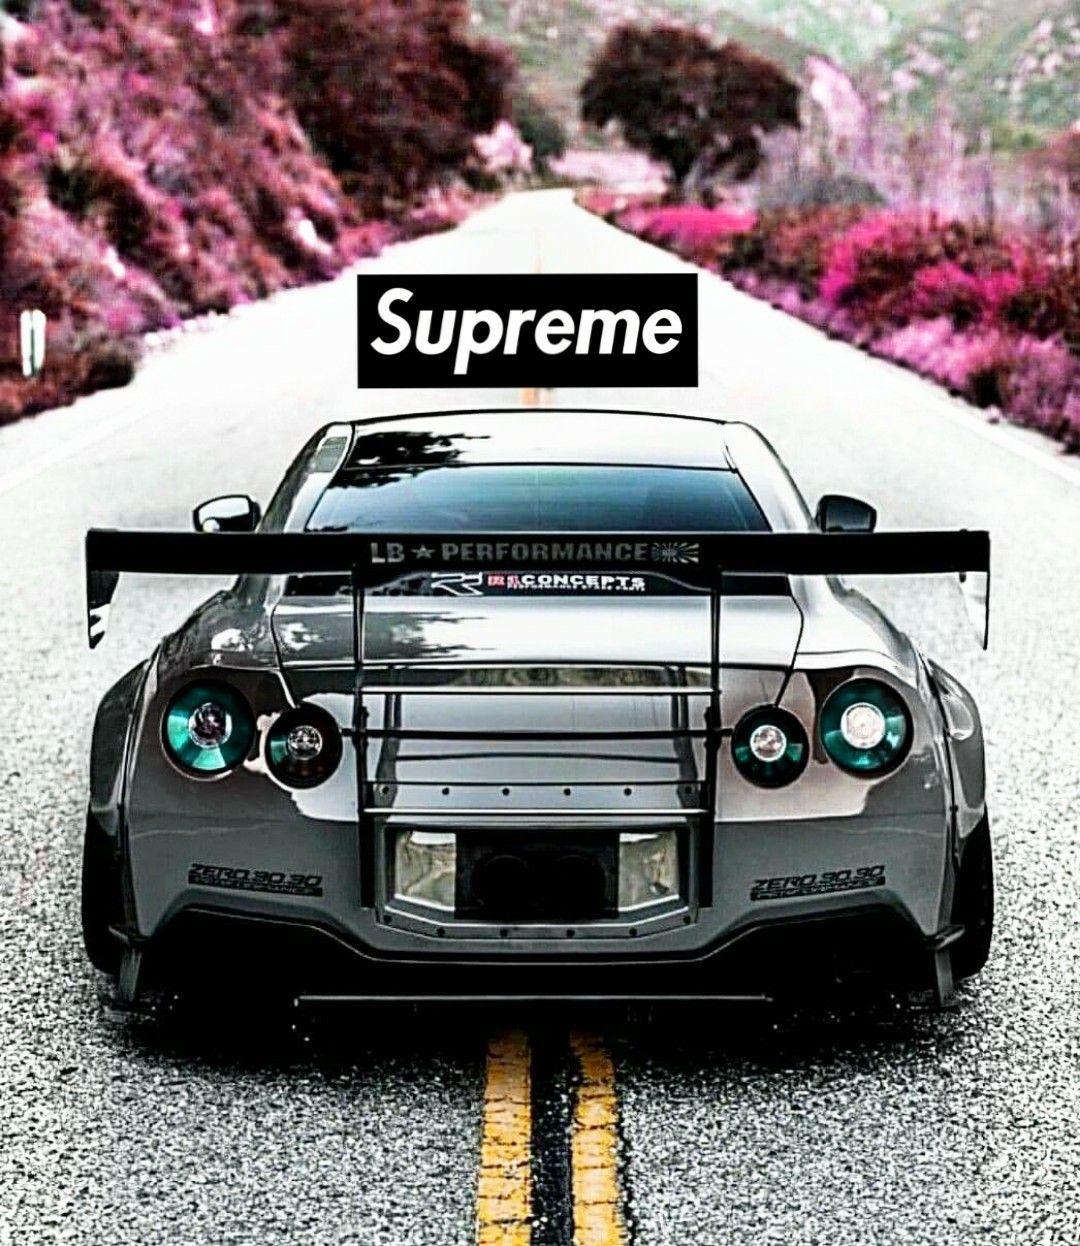 28++ Supreme wallpaper car Full HD